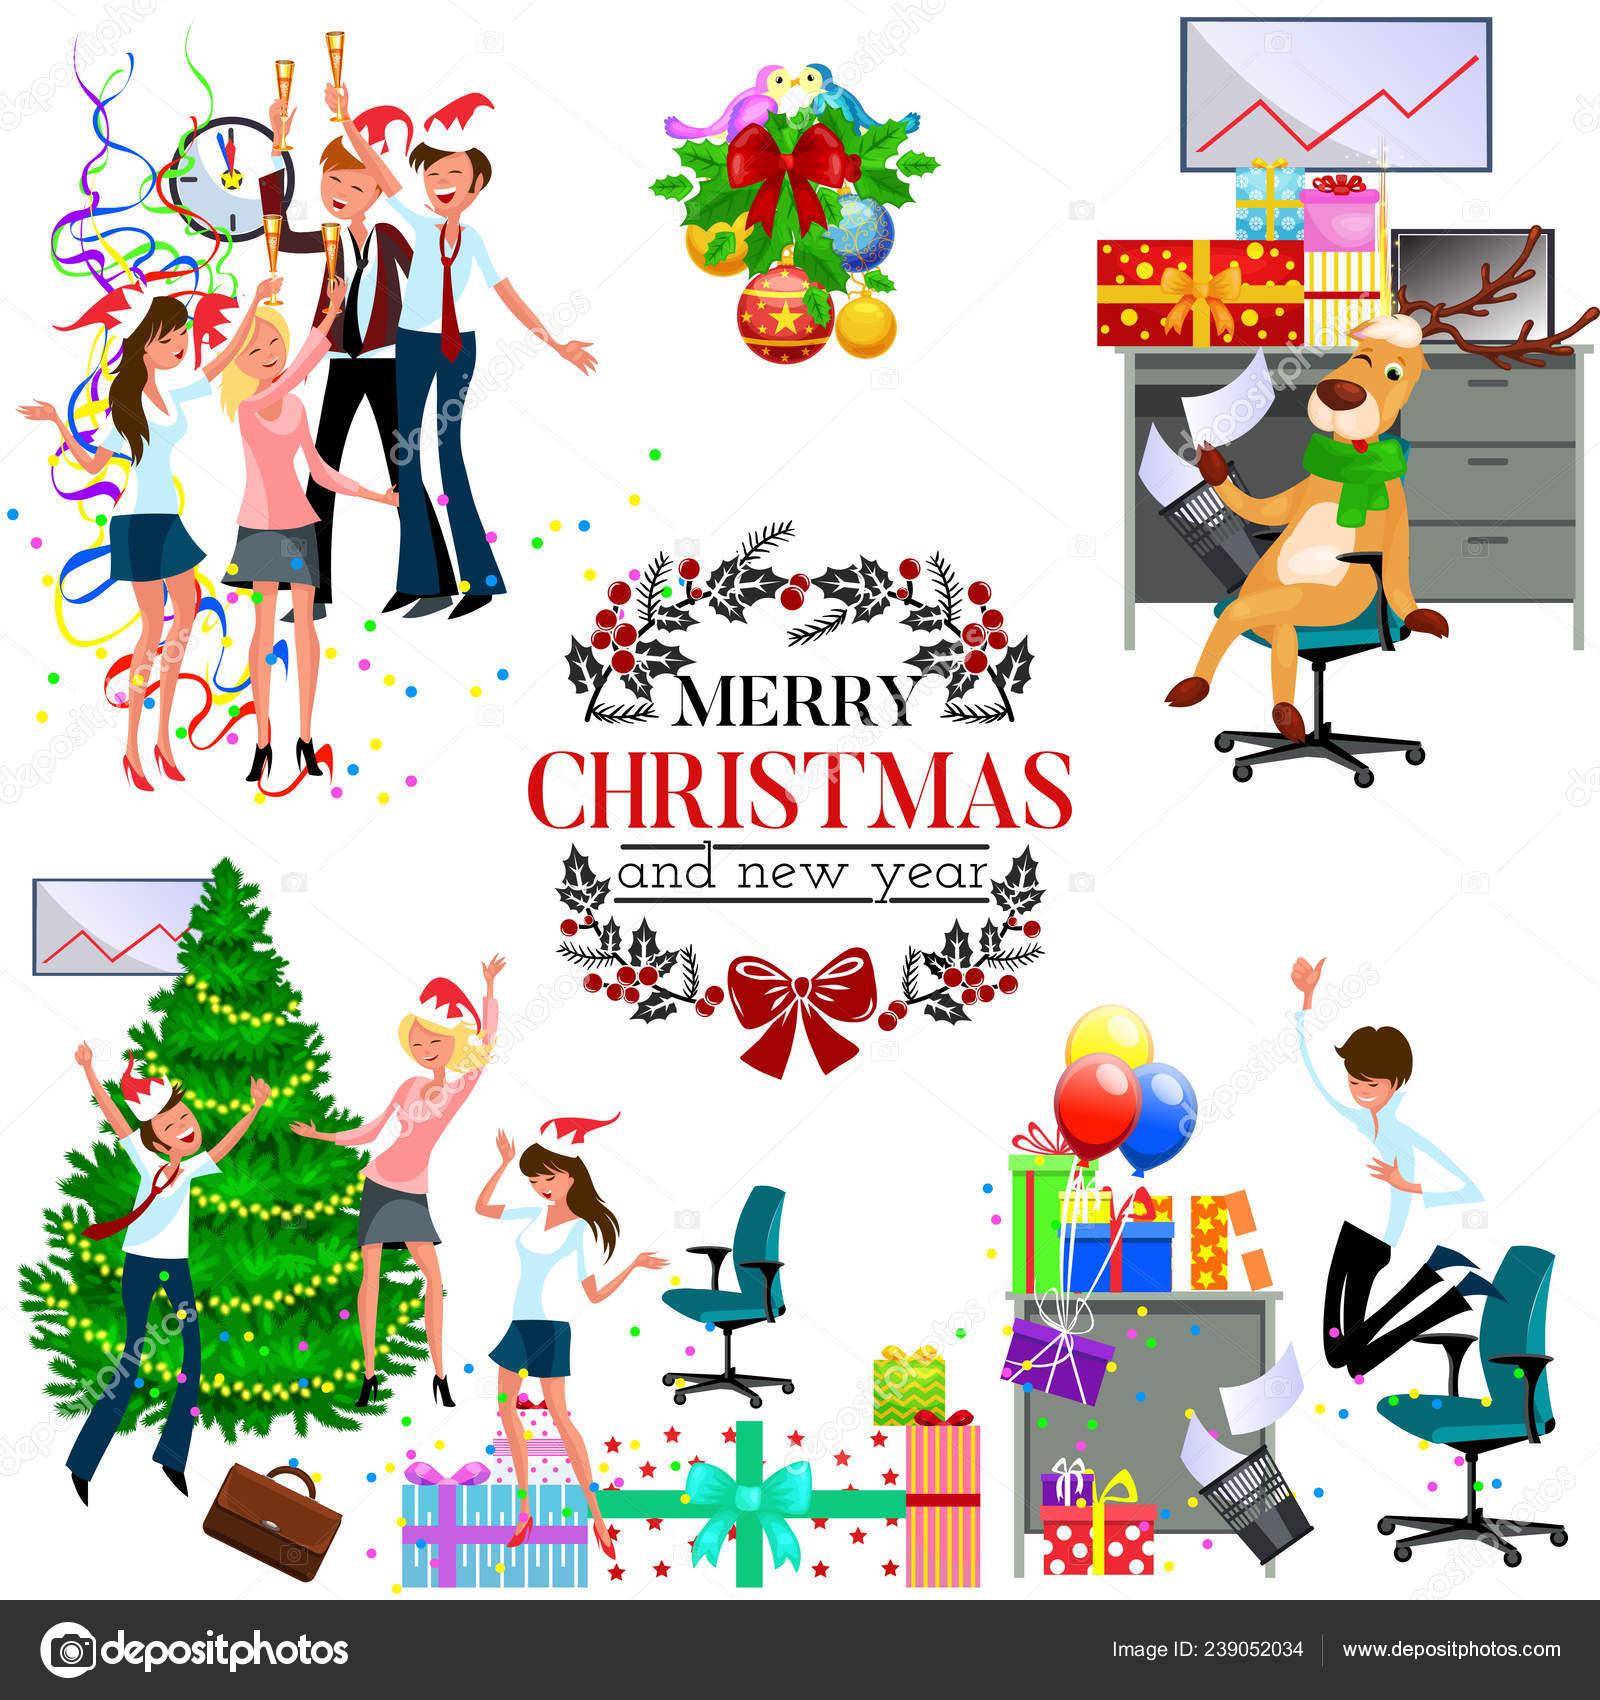 Weihnachtsfeier Cartoon.Cartoon Weihnachtsfeier Bei Der Arbeit Im Büro Stockvektor